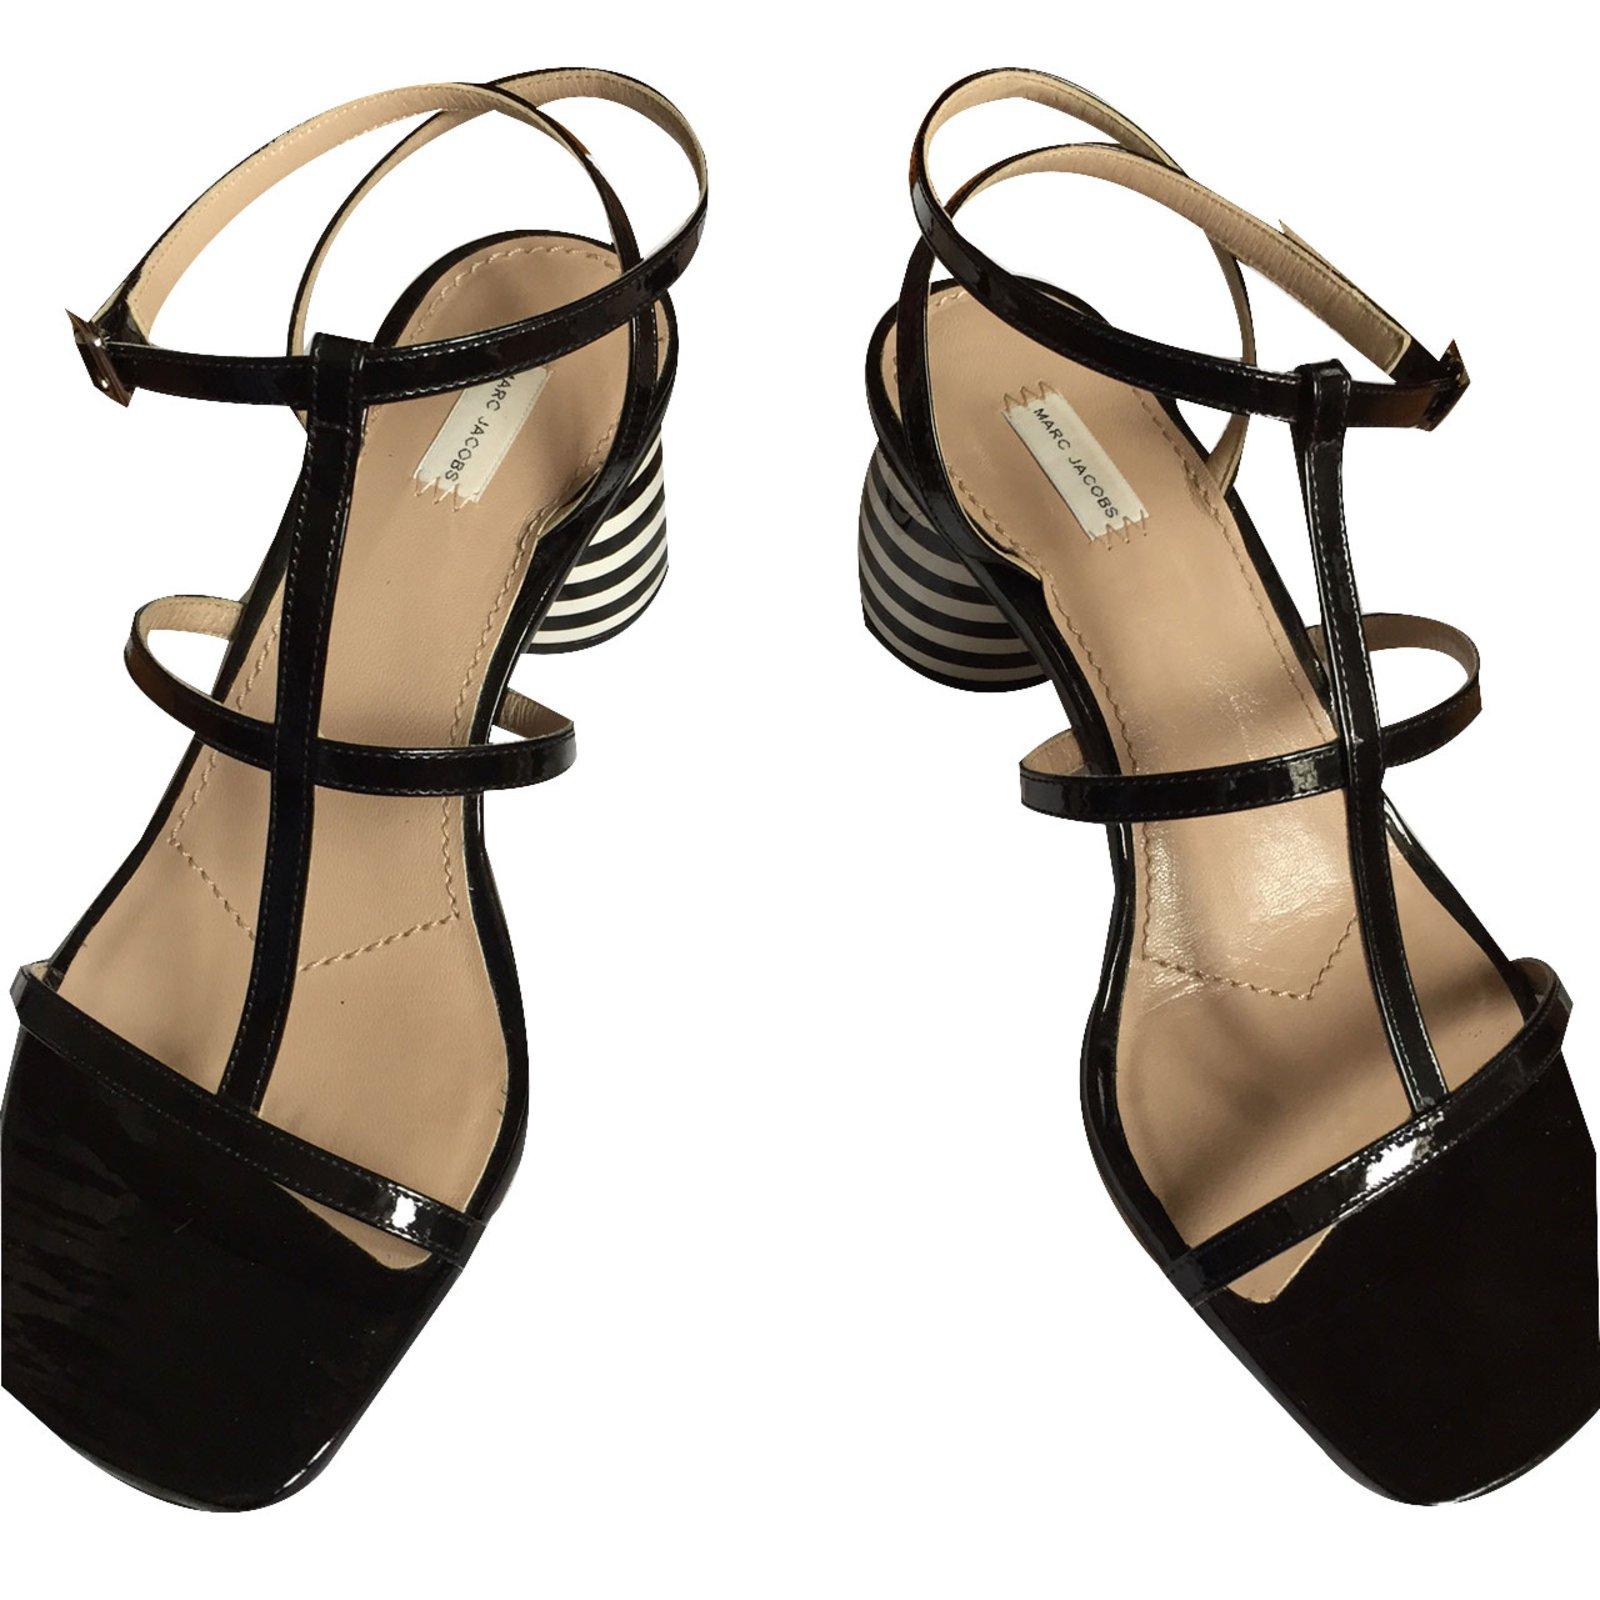 Marc Jacobs Sandals Sandals Patent